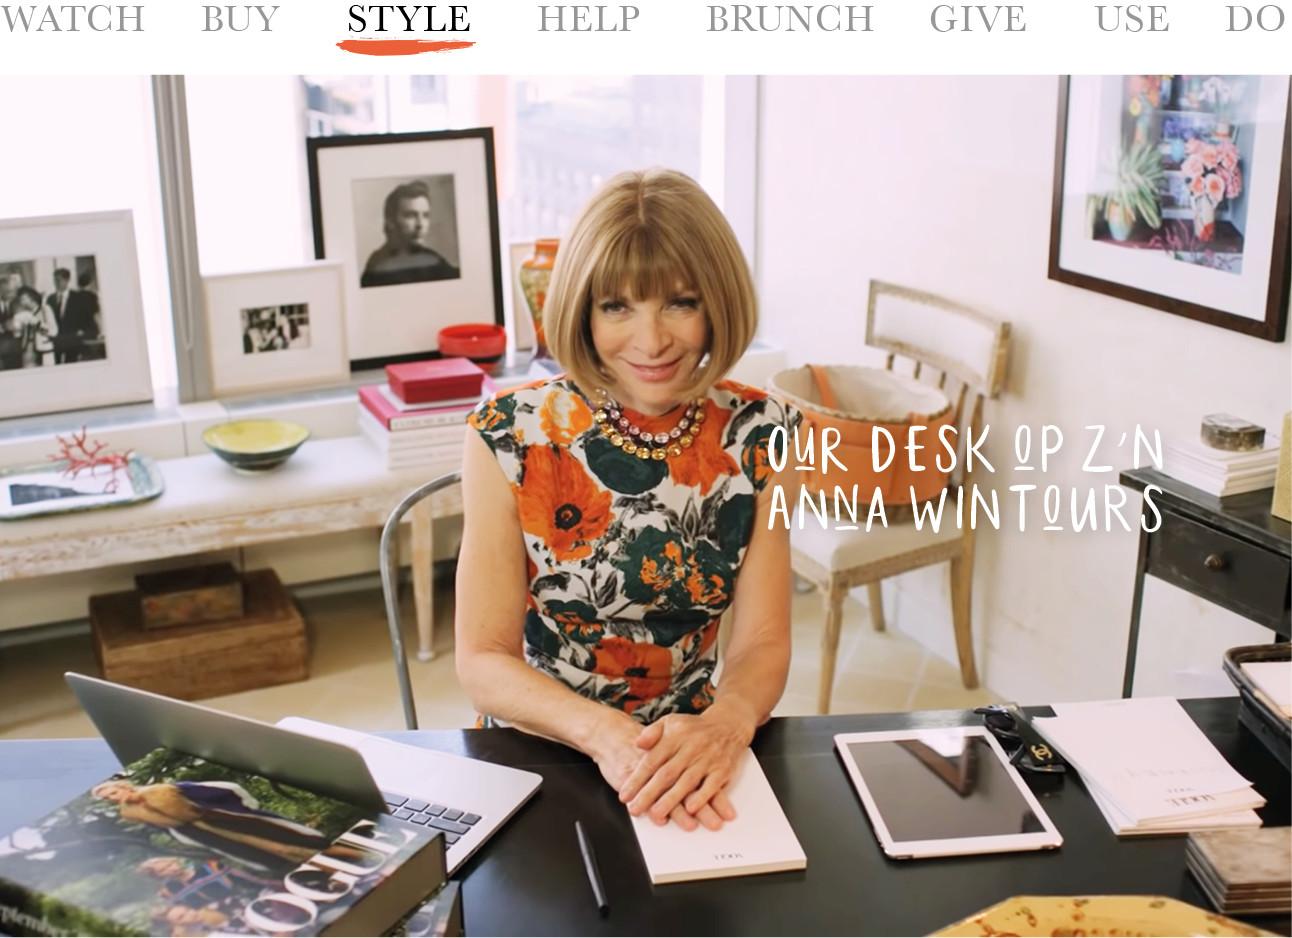 anna wintour achter haar desk bij hoofdkantoor Vogue